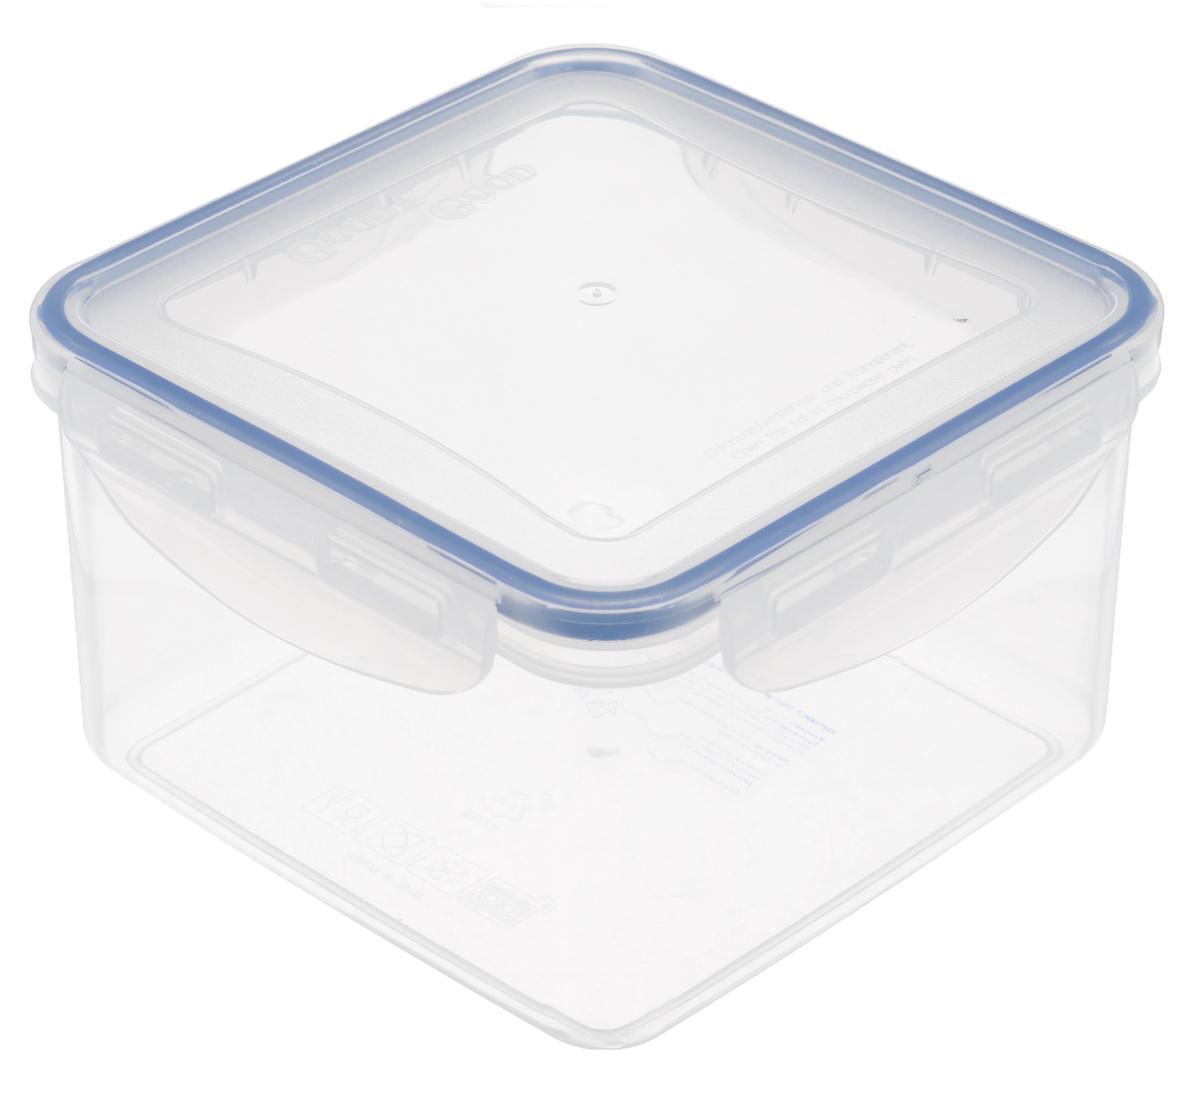 Контейнер Good&Good, цвет: прозрачный, синий, 1,25 л контейнер dunya plastik корабль цвет прозрачный синий 9 л